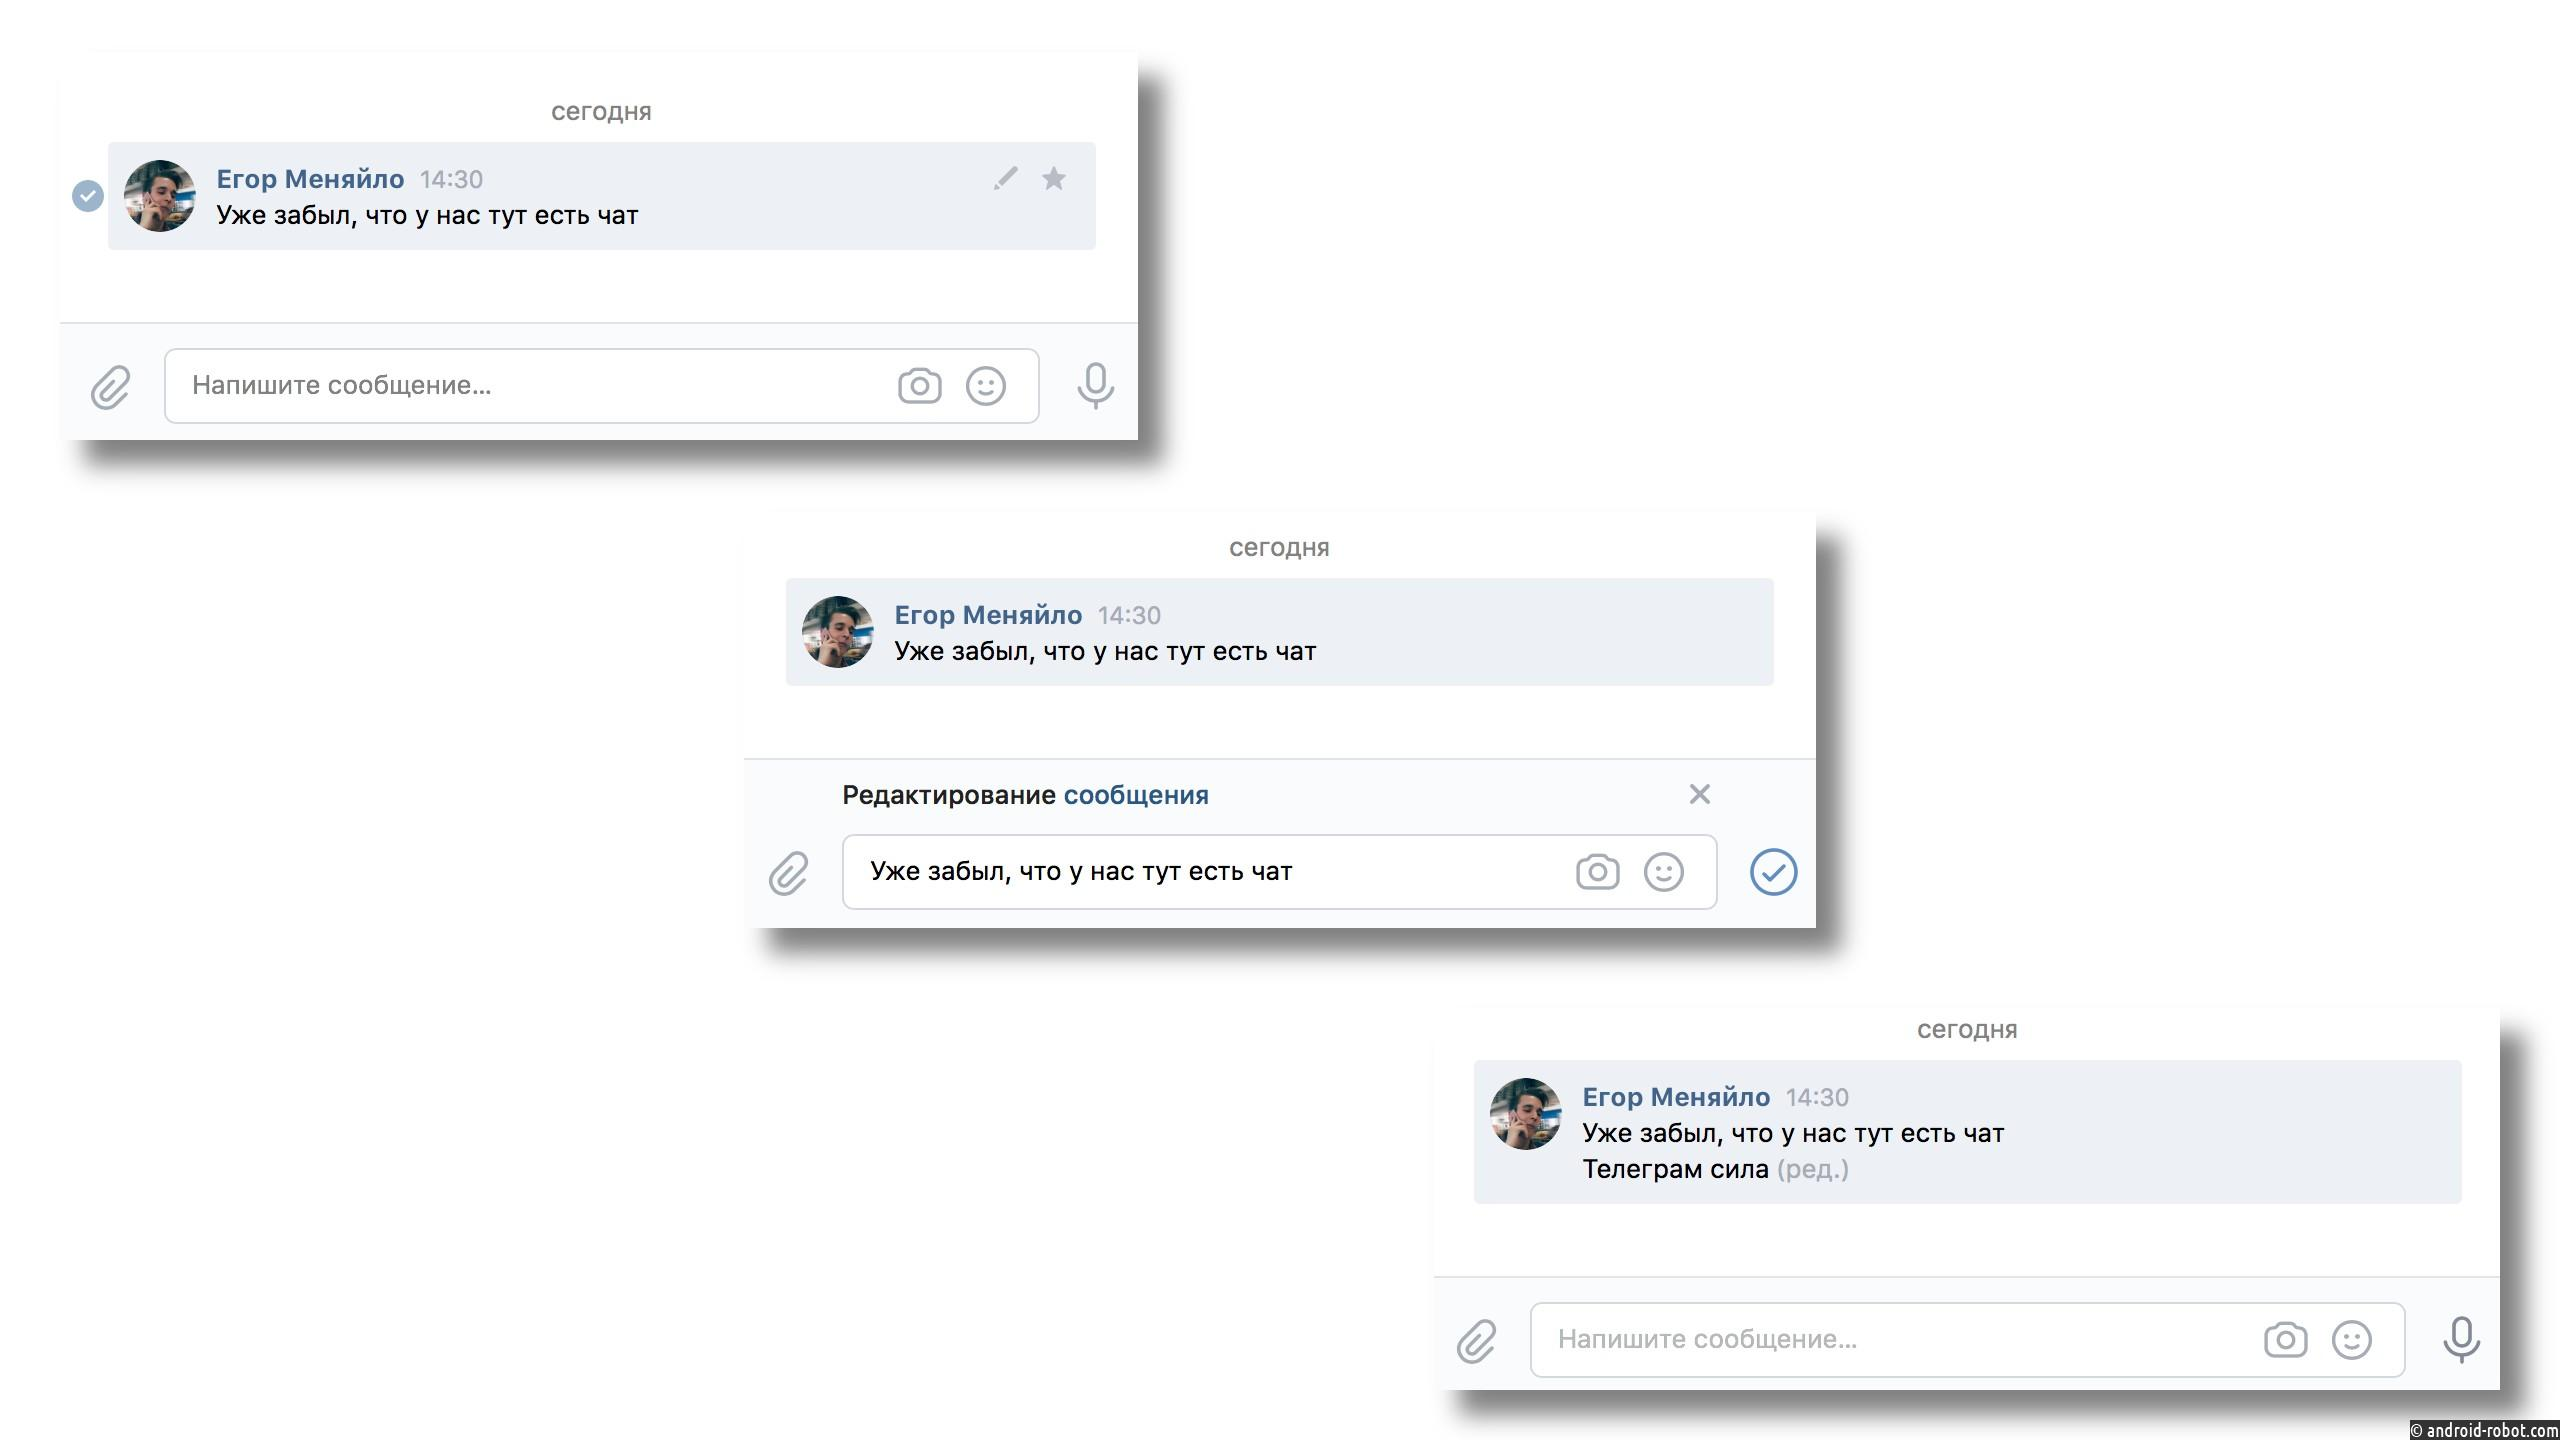 Пользователям «ВКонтакте» разрешили корректировать сообщения, однако при одном условии